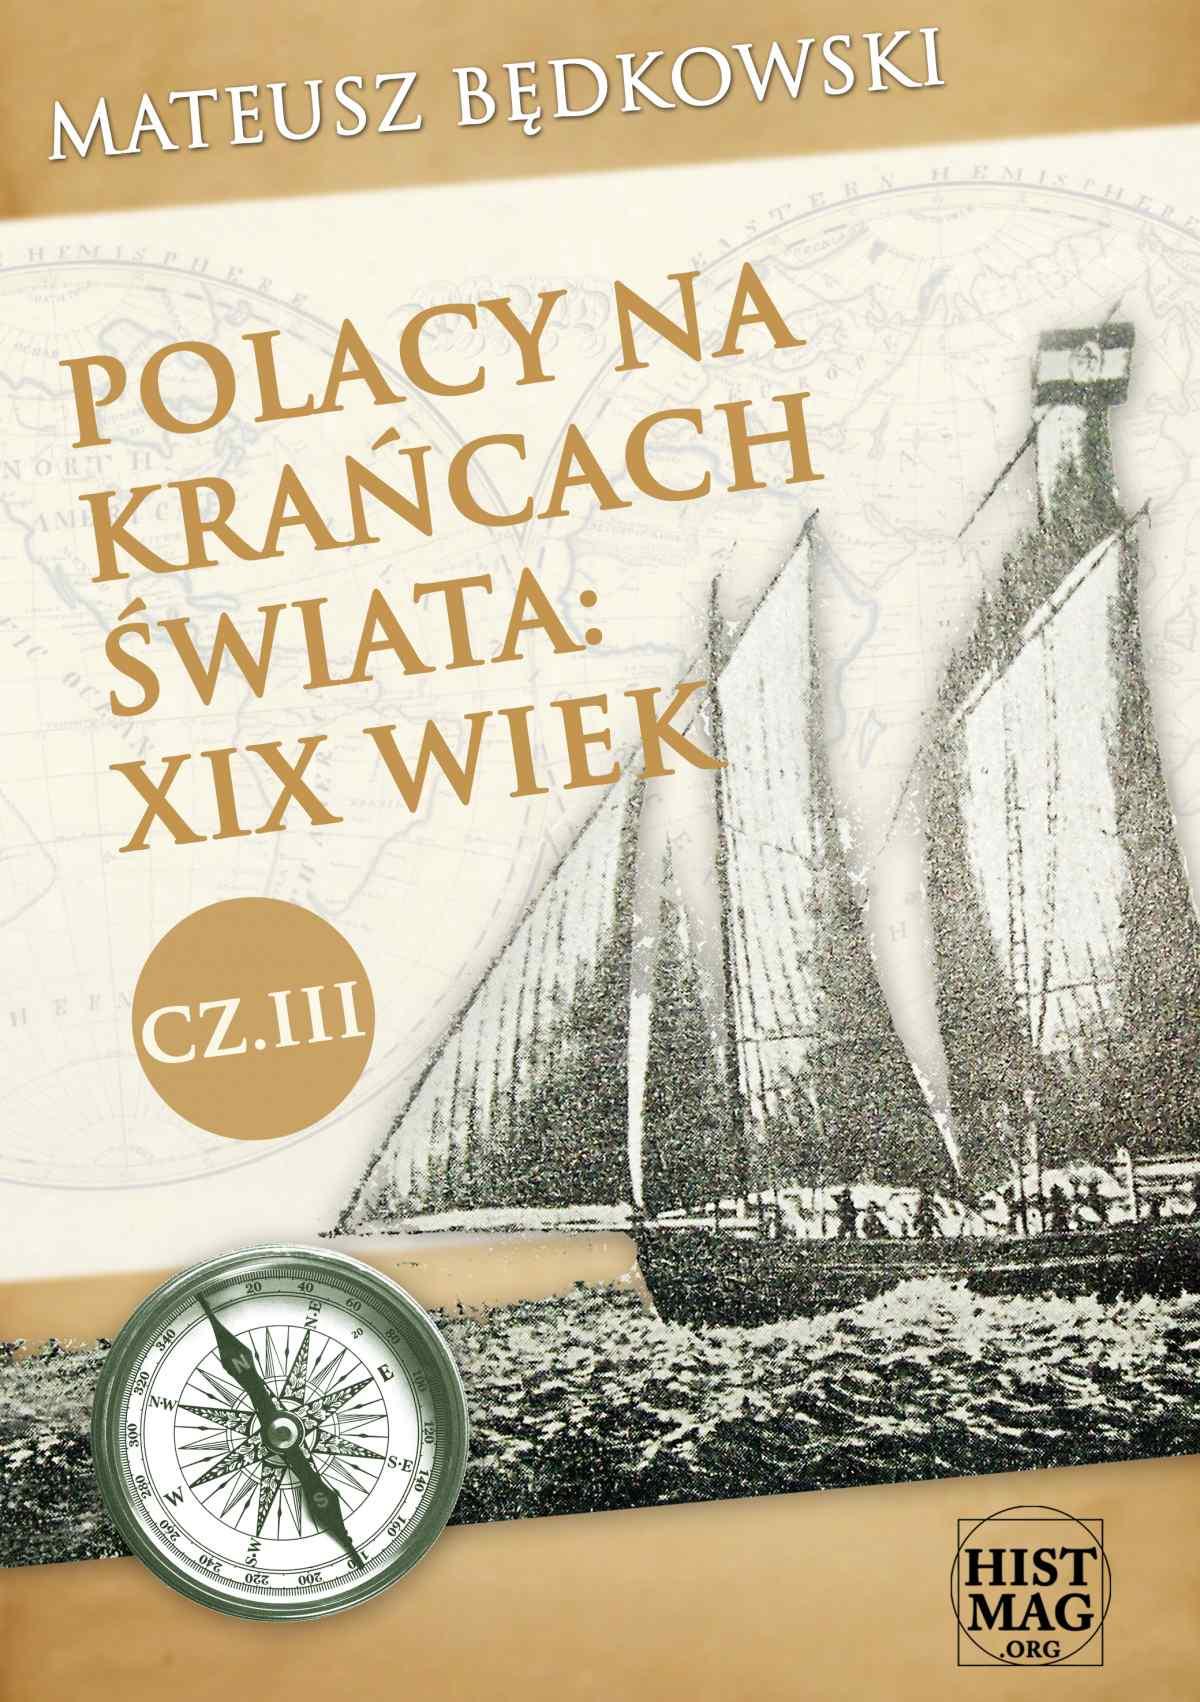 Polacy na krańcach świata: XIX wiek. Część III - Ebook (Książka EPUB) do pobrania w formacie EPUB